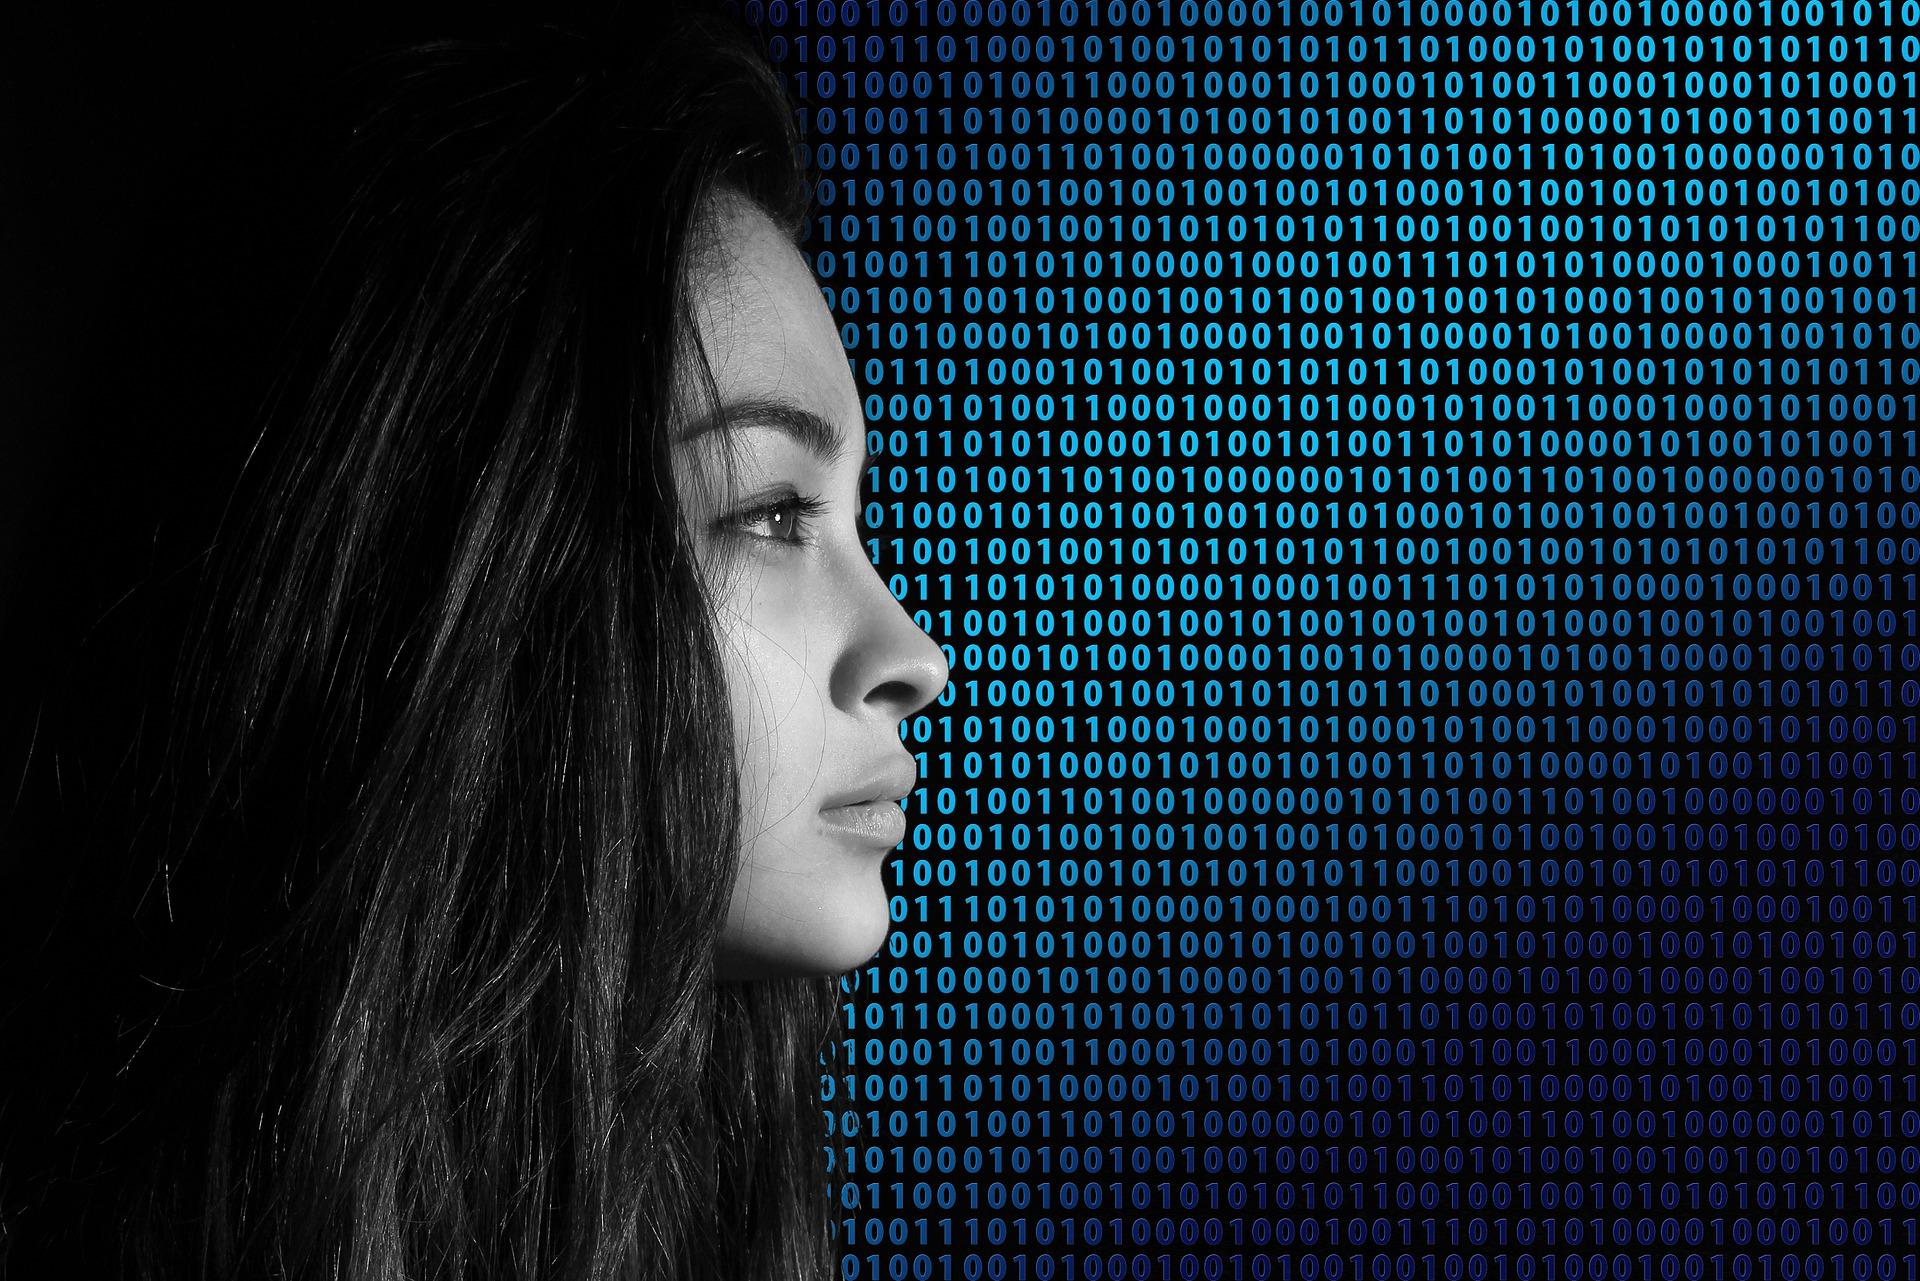 Donne privacy e comunicazione